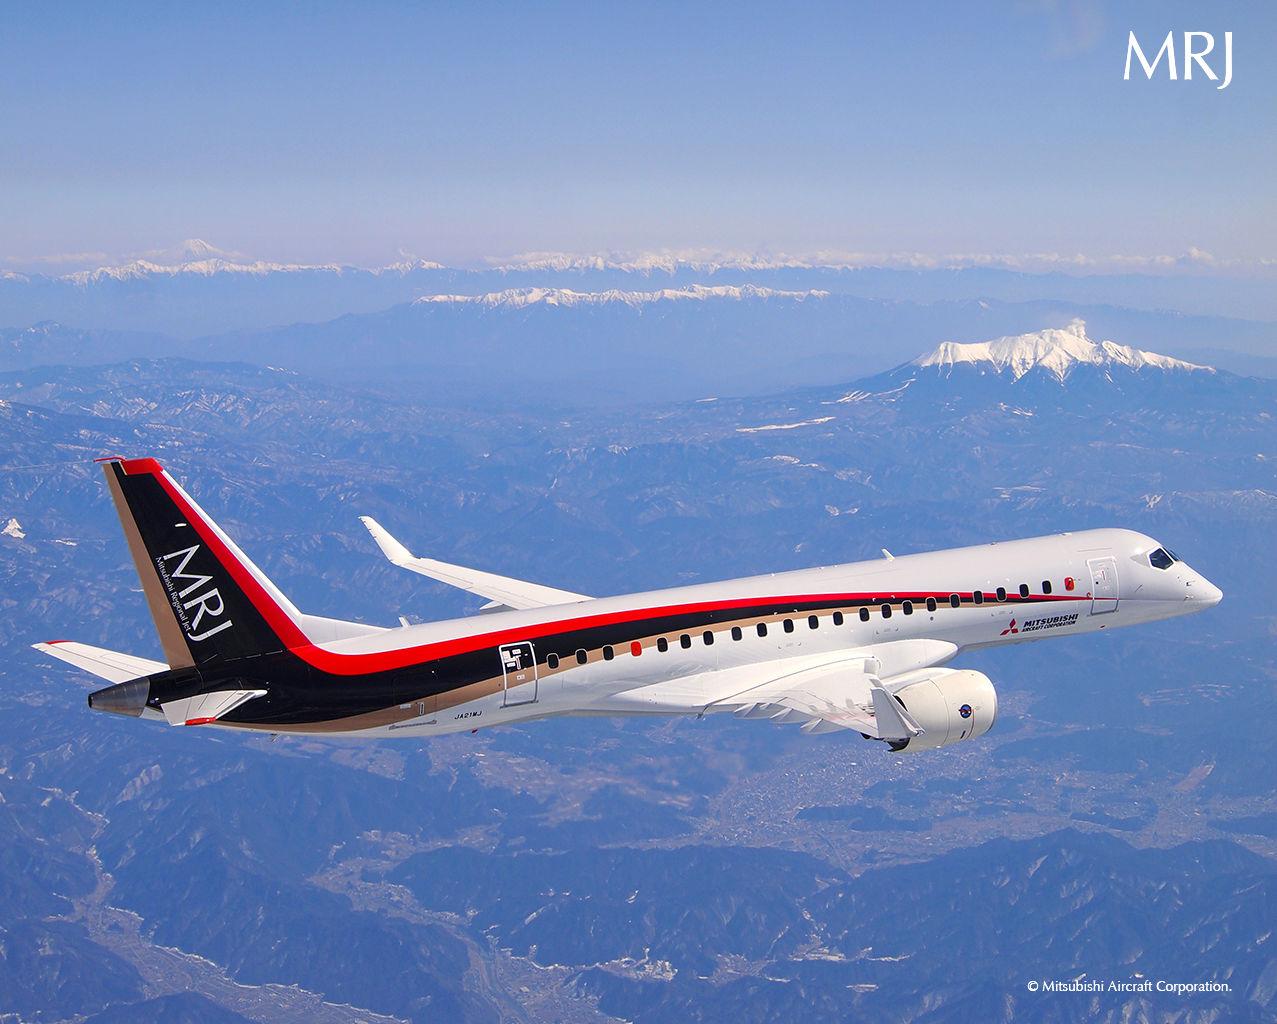 「市場好調、大手不在」なのに小型旅客機メーカーが苦戦する理由